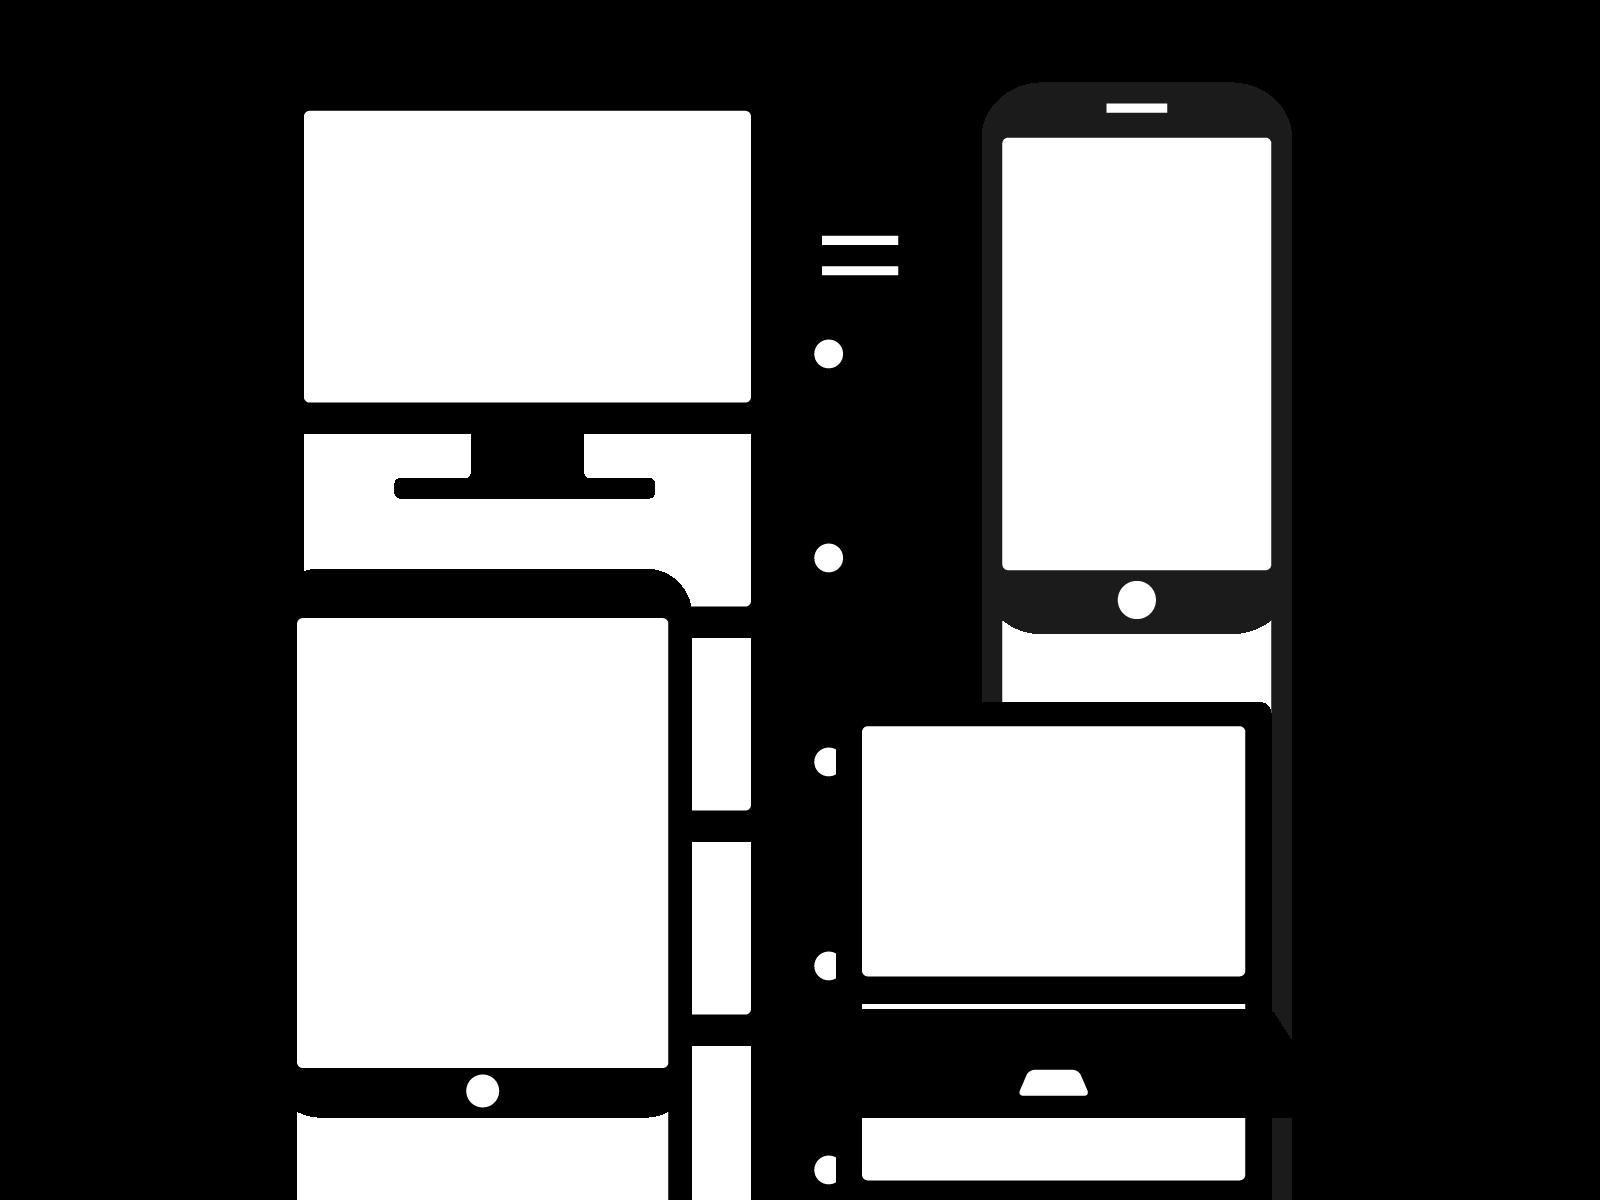 ペイントソフト おすすめデジタル機材 パソコン タブレット スマホ